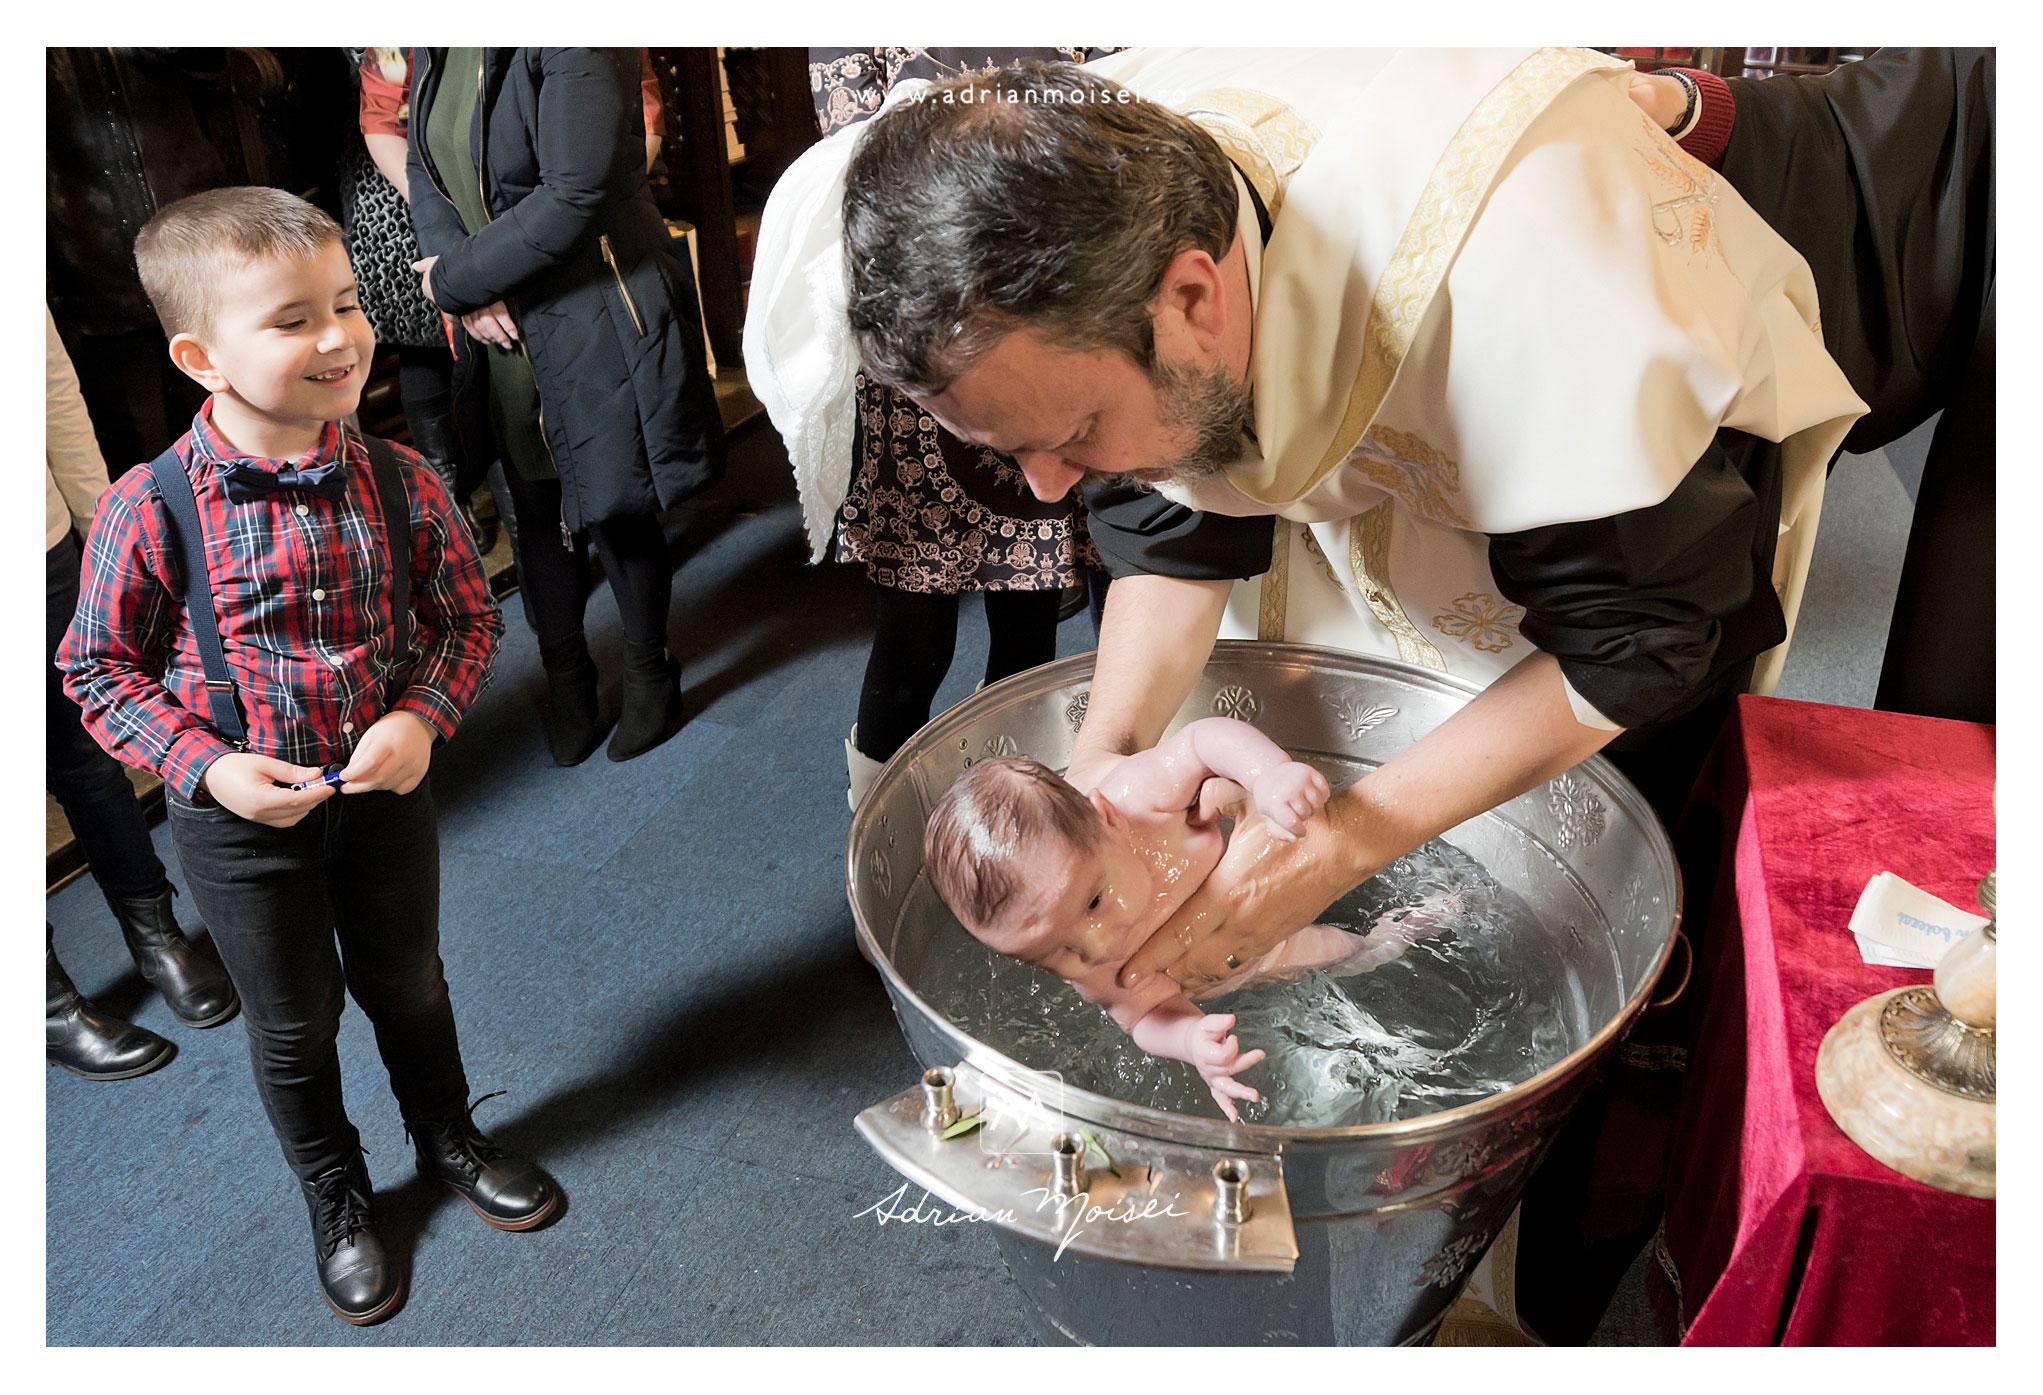 Bebeluș botezat în cristelniță de către un preot cu har, sub privirile curioase ale frățiorului său, la Iași, biserica Sfântul Nicolae Domnesc